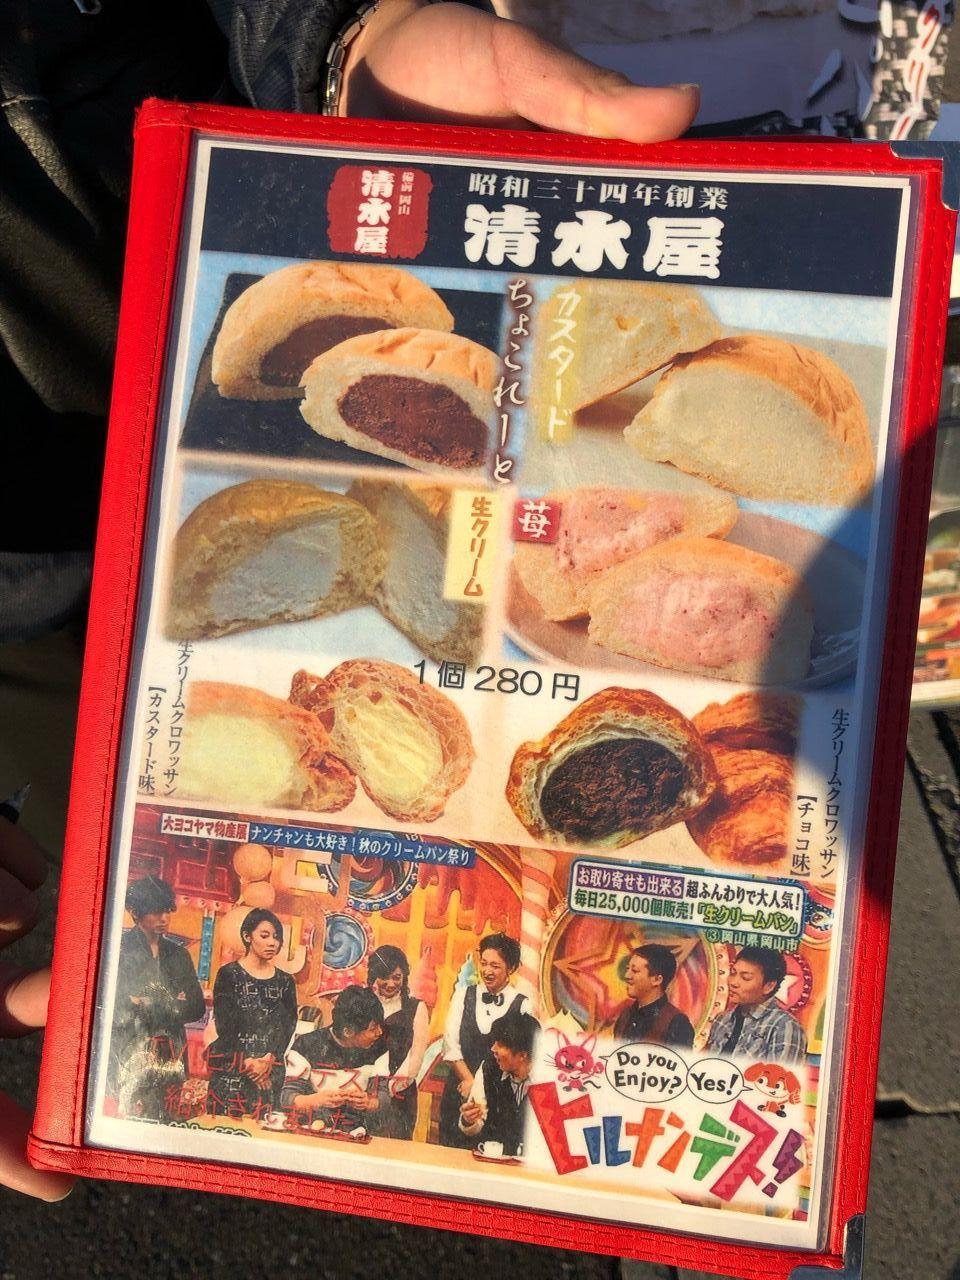 TV「ヒルナンデス!」でも紹介された「幻の生クリームパン」移動販売メニュー